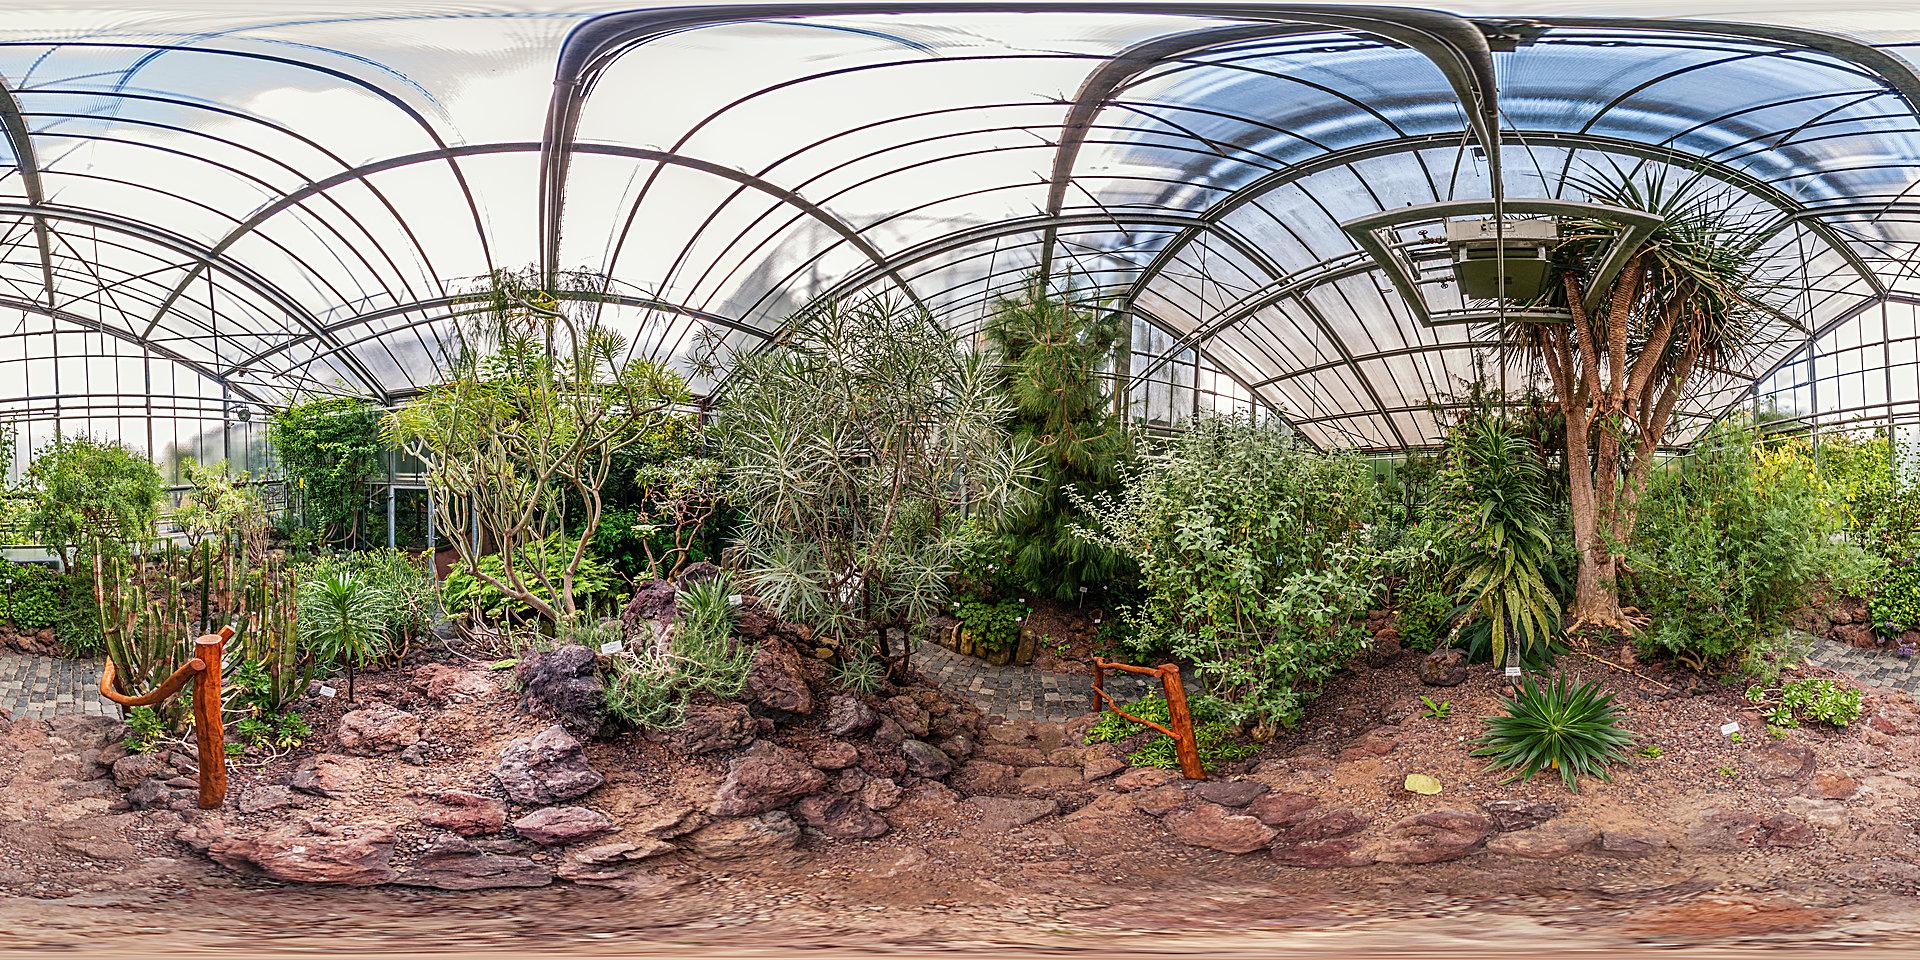 Botanischer Garten Marburg - Gewächshäuser